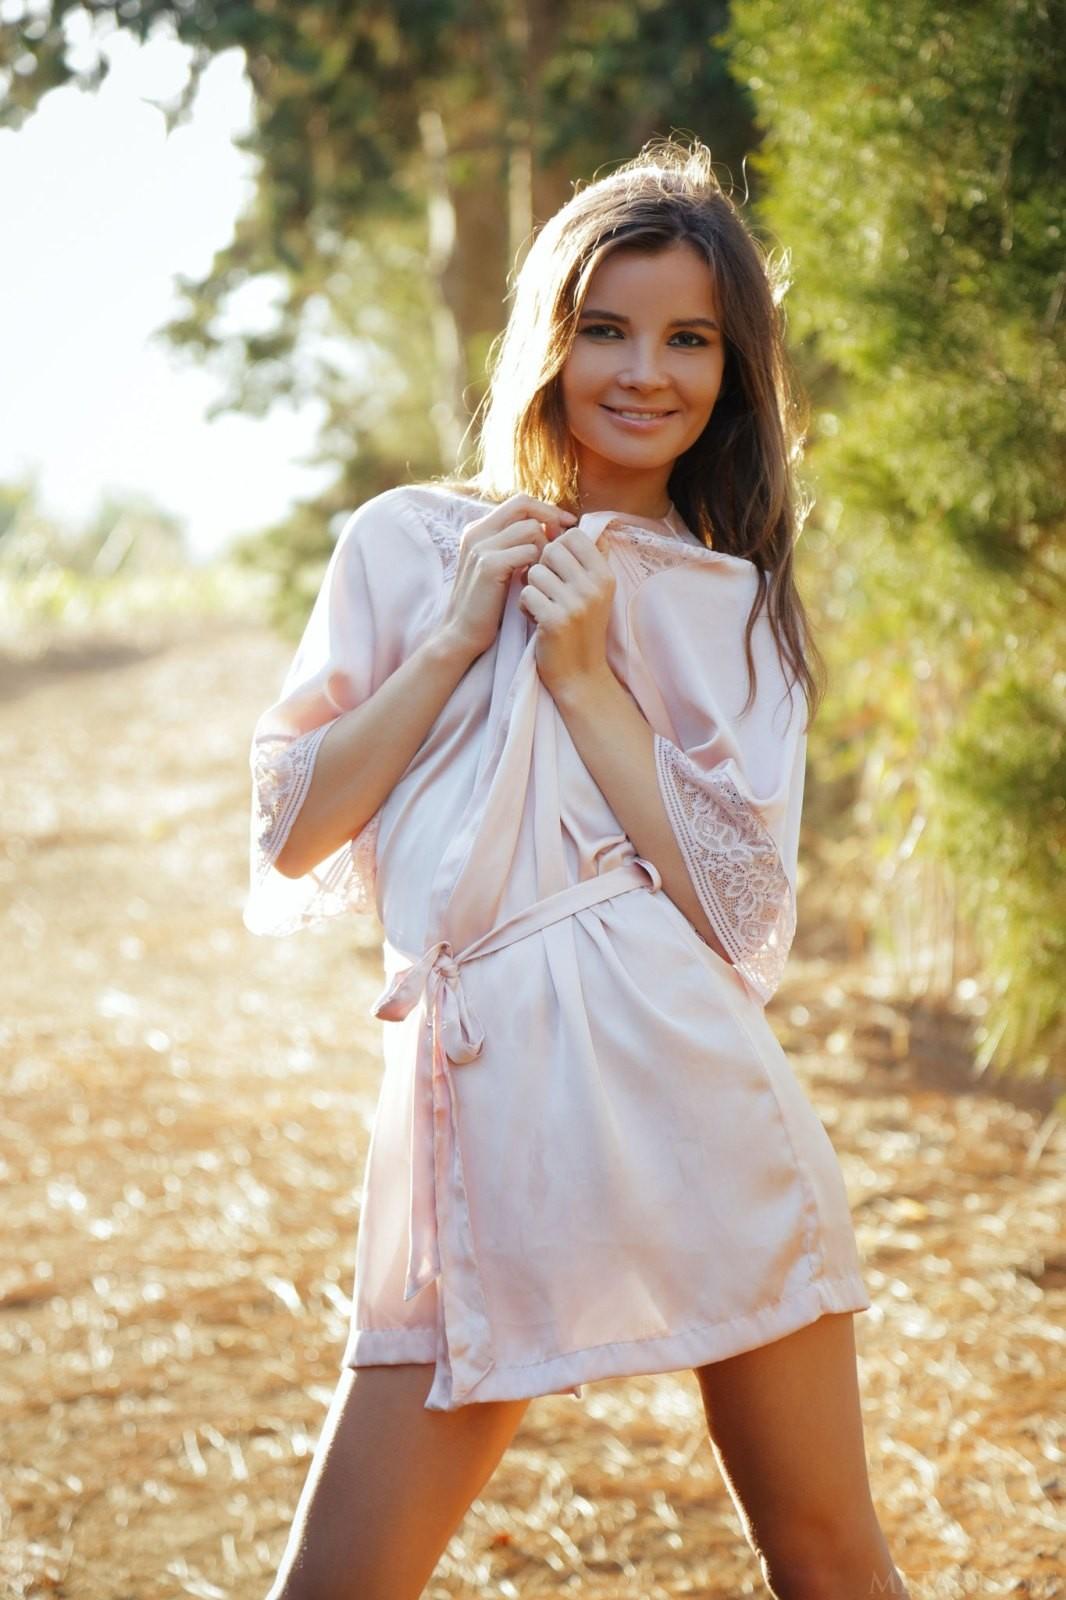 Распутная девушка на сельской дороге - фото